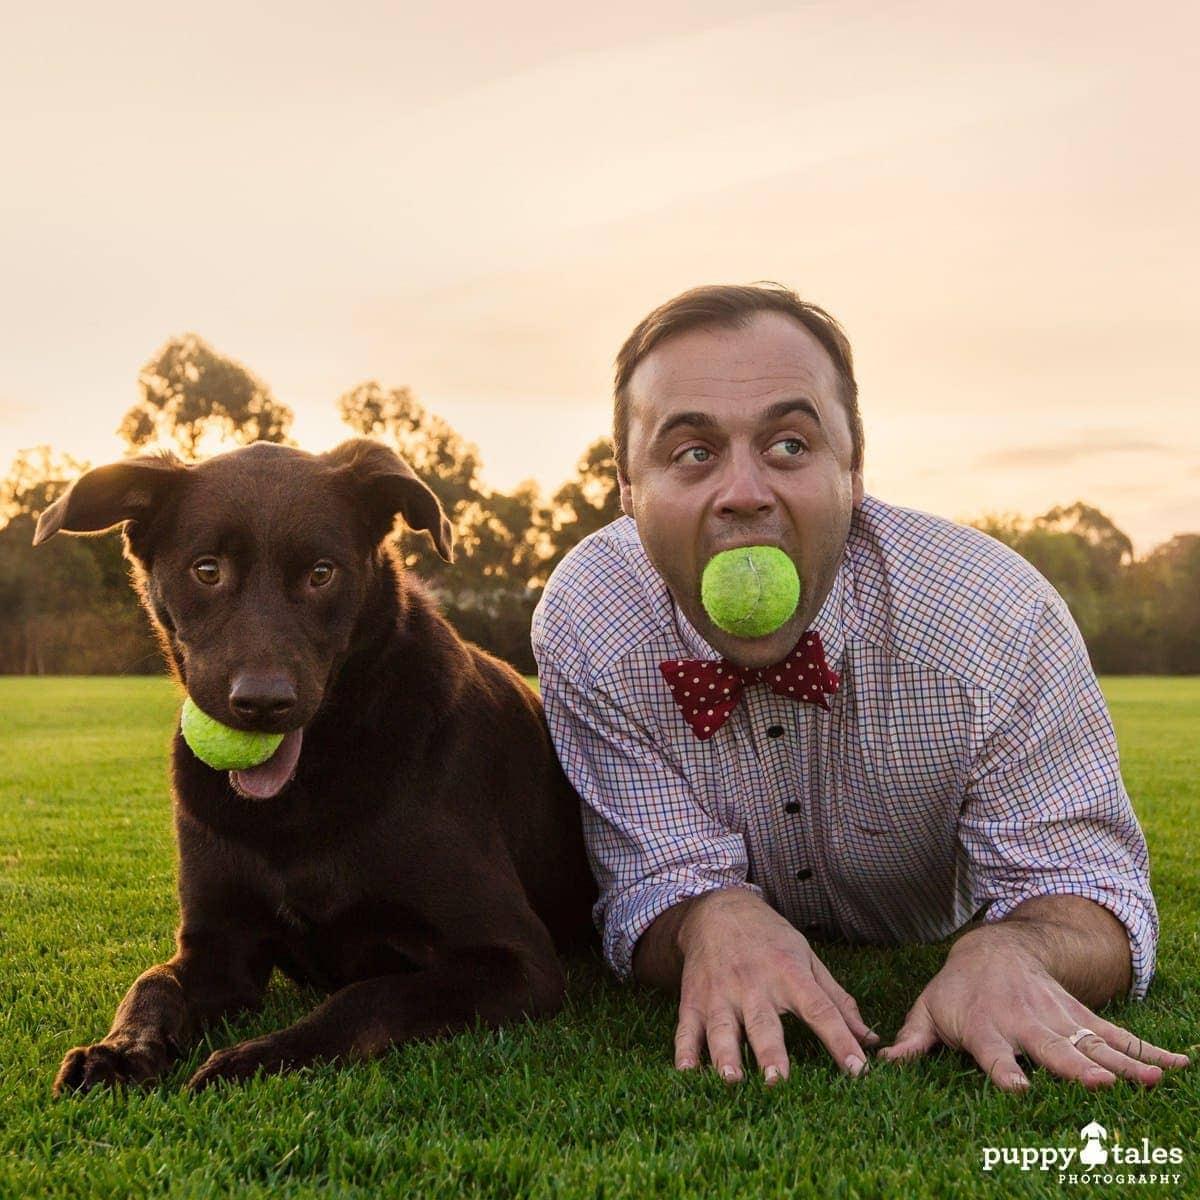 puppytalesphotography poochesatplaypromo 39 1